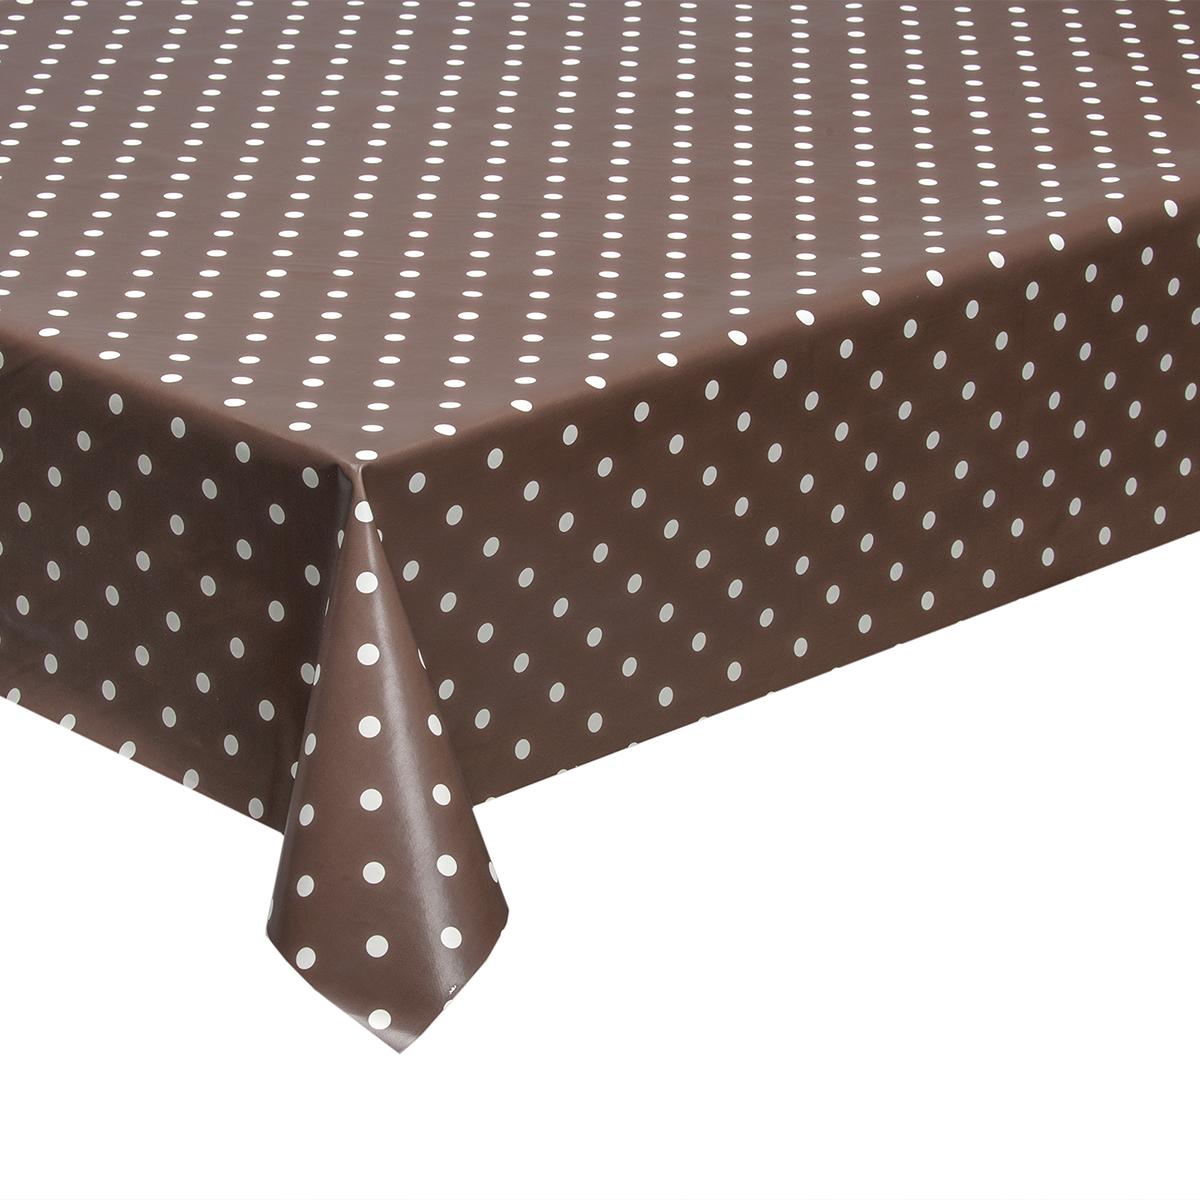 wachstuch in 1 4m br corks meterware tischdecke lacktischdecke. Black Bedroom Furniture Sets. Home Design Ideas